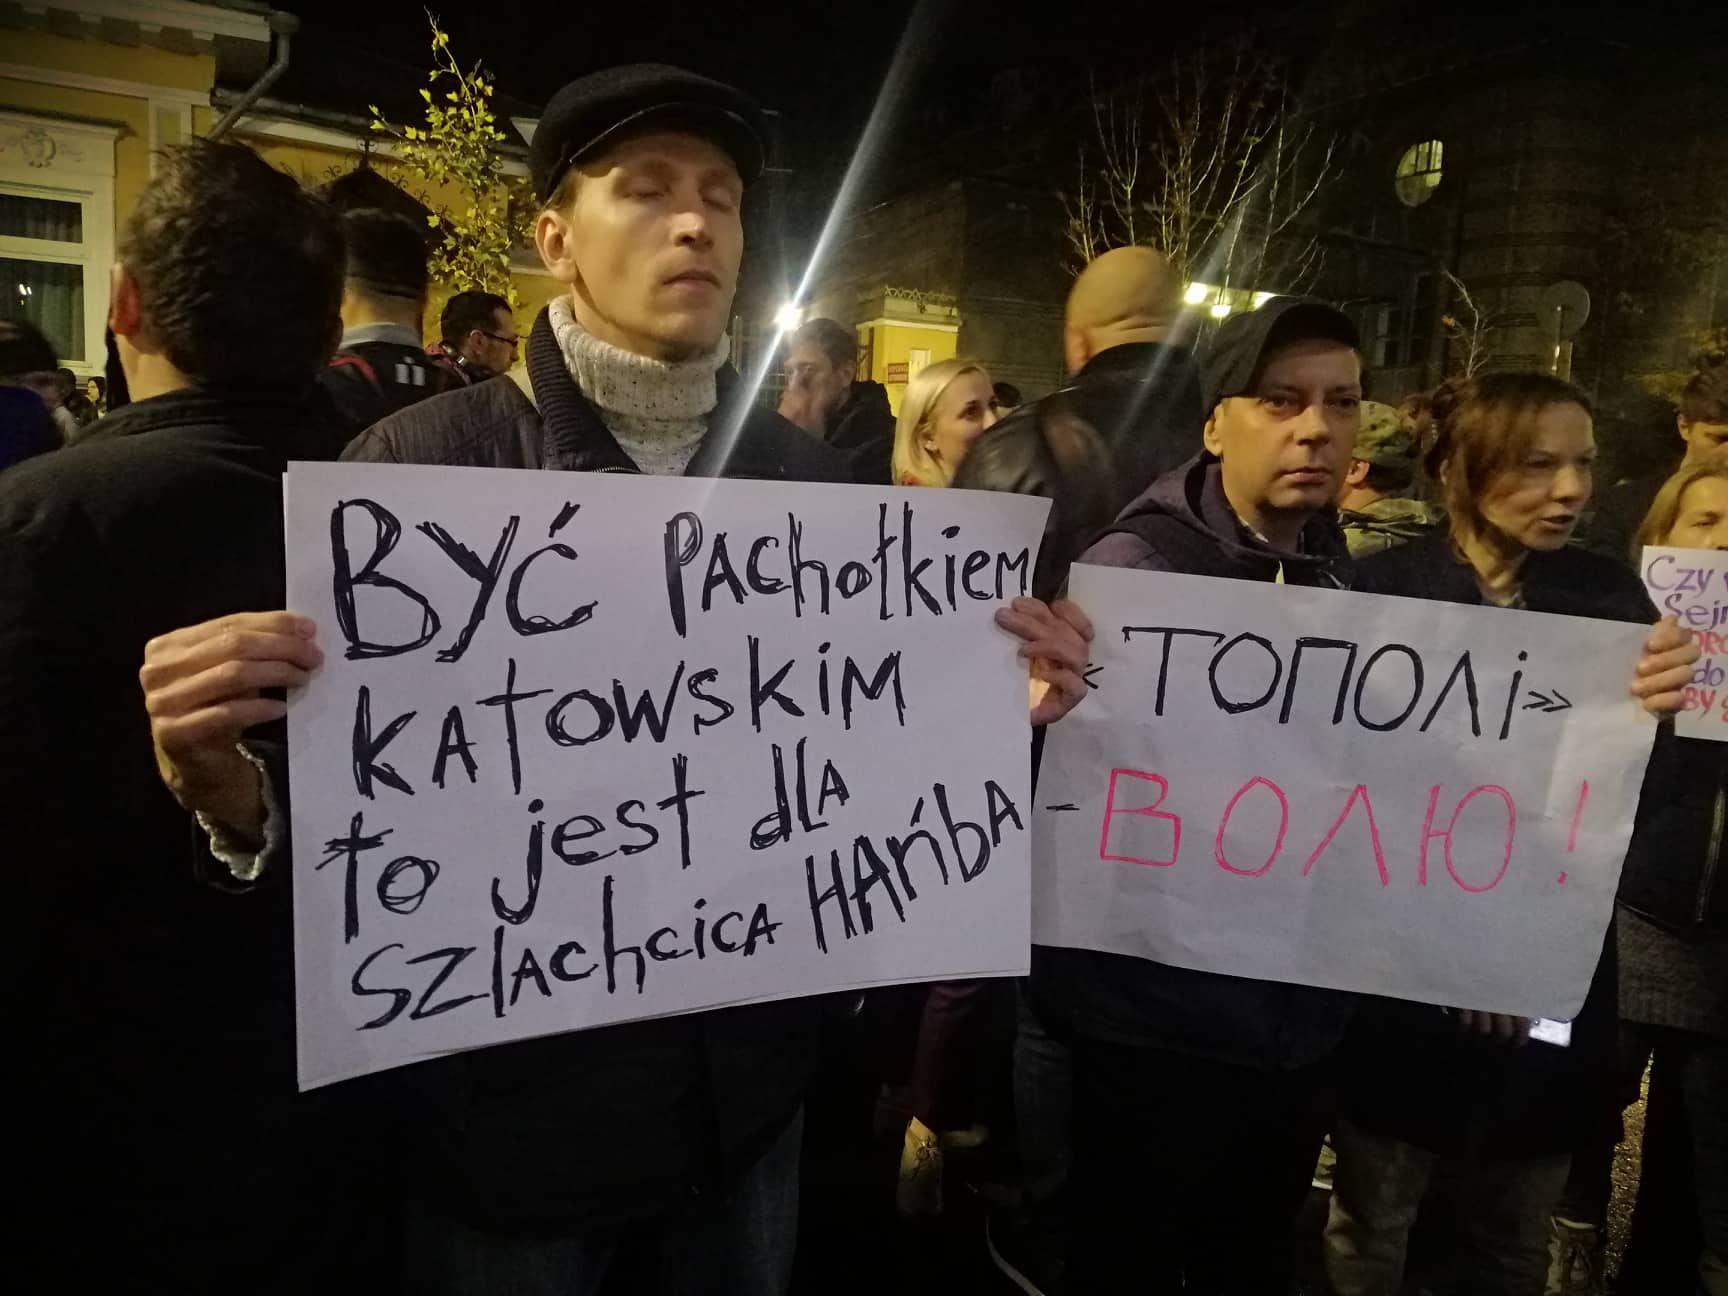 Ветерана АТО Мазура затримали у Польщі: люди вийшли на протест у Києві